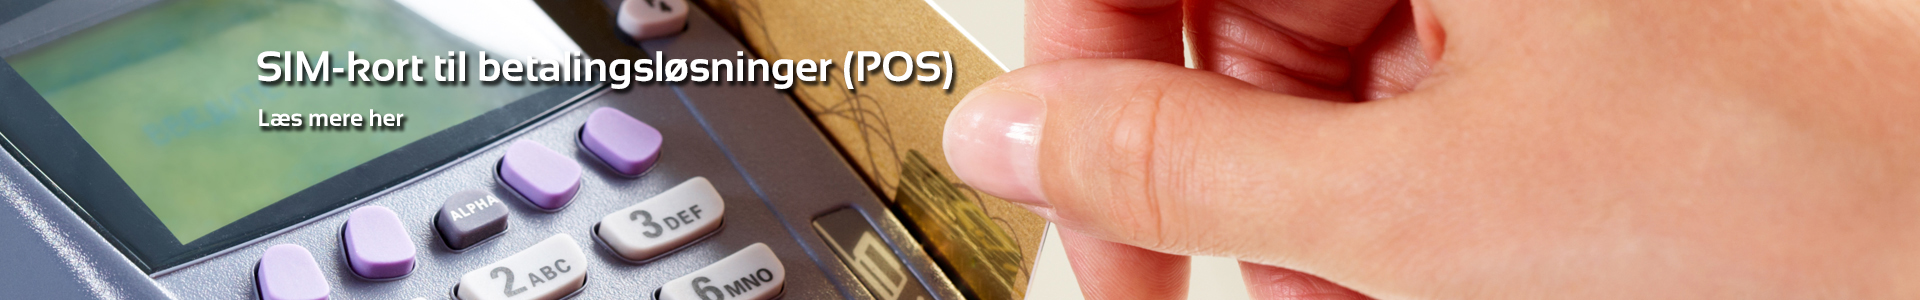 SIM-kort til betalingsløsninger (POS)